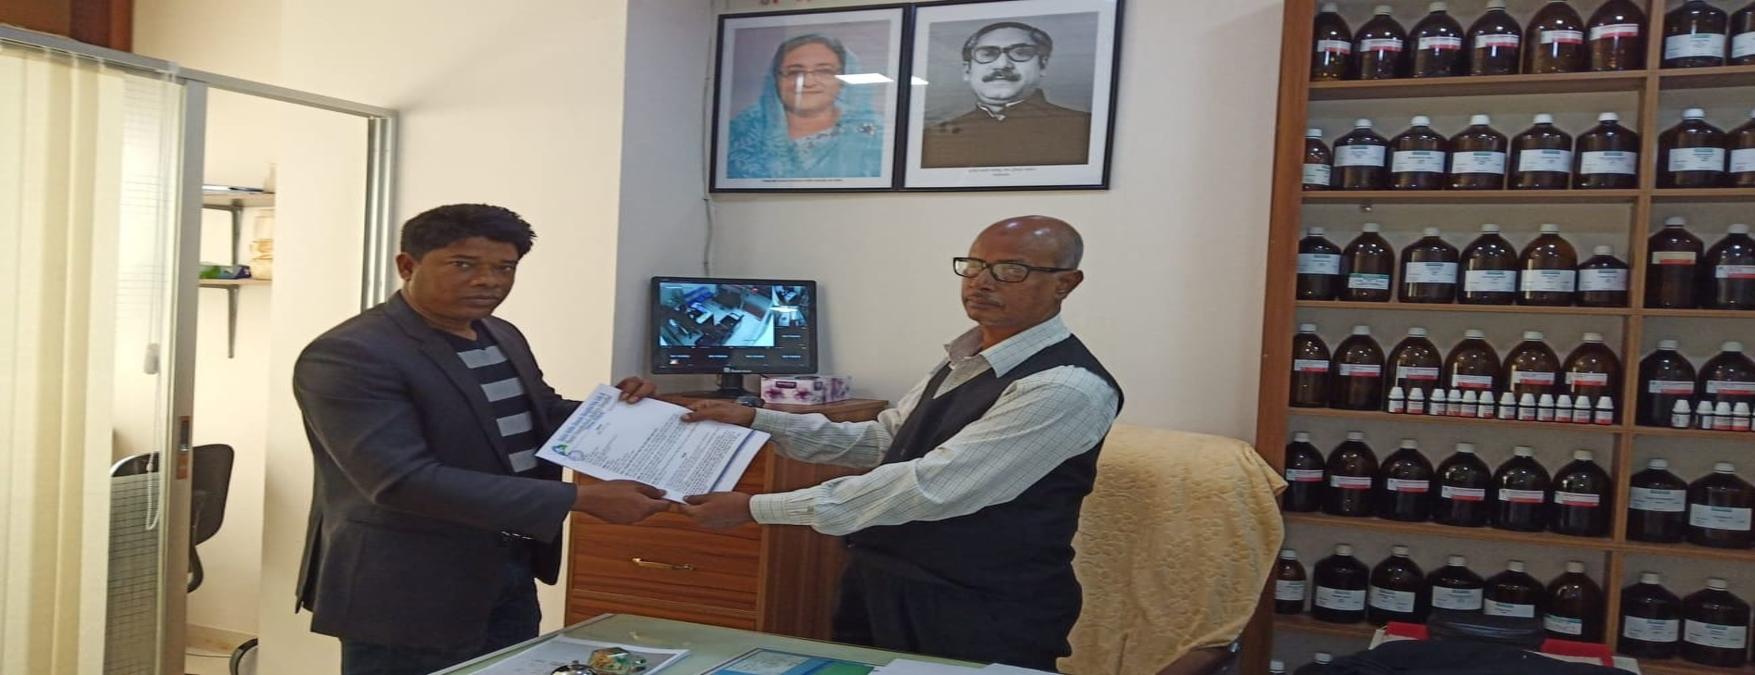 ভারত বাংলাদেশ মৈত্রী হাসপাতালের সাথে চুক্তিপত্র গ্রহন  করেন রূফ্ ফাউন্ডেশনের নির্বাহী পরিচালক